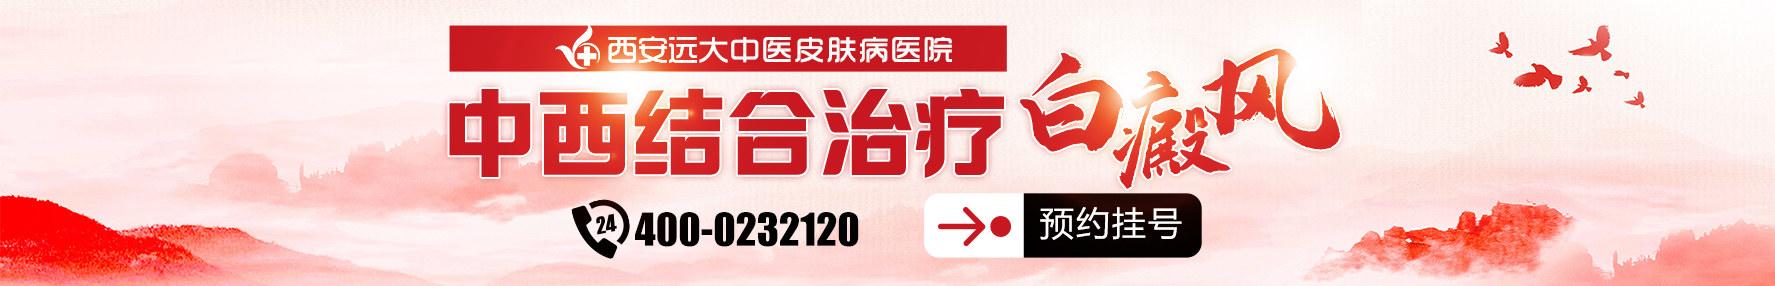 西安白癜风在线视频偷国产精品